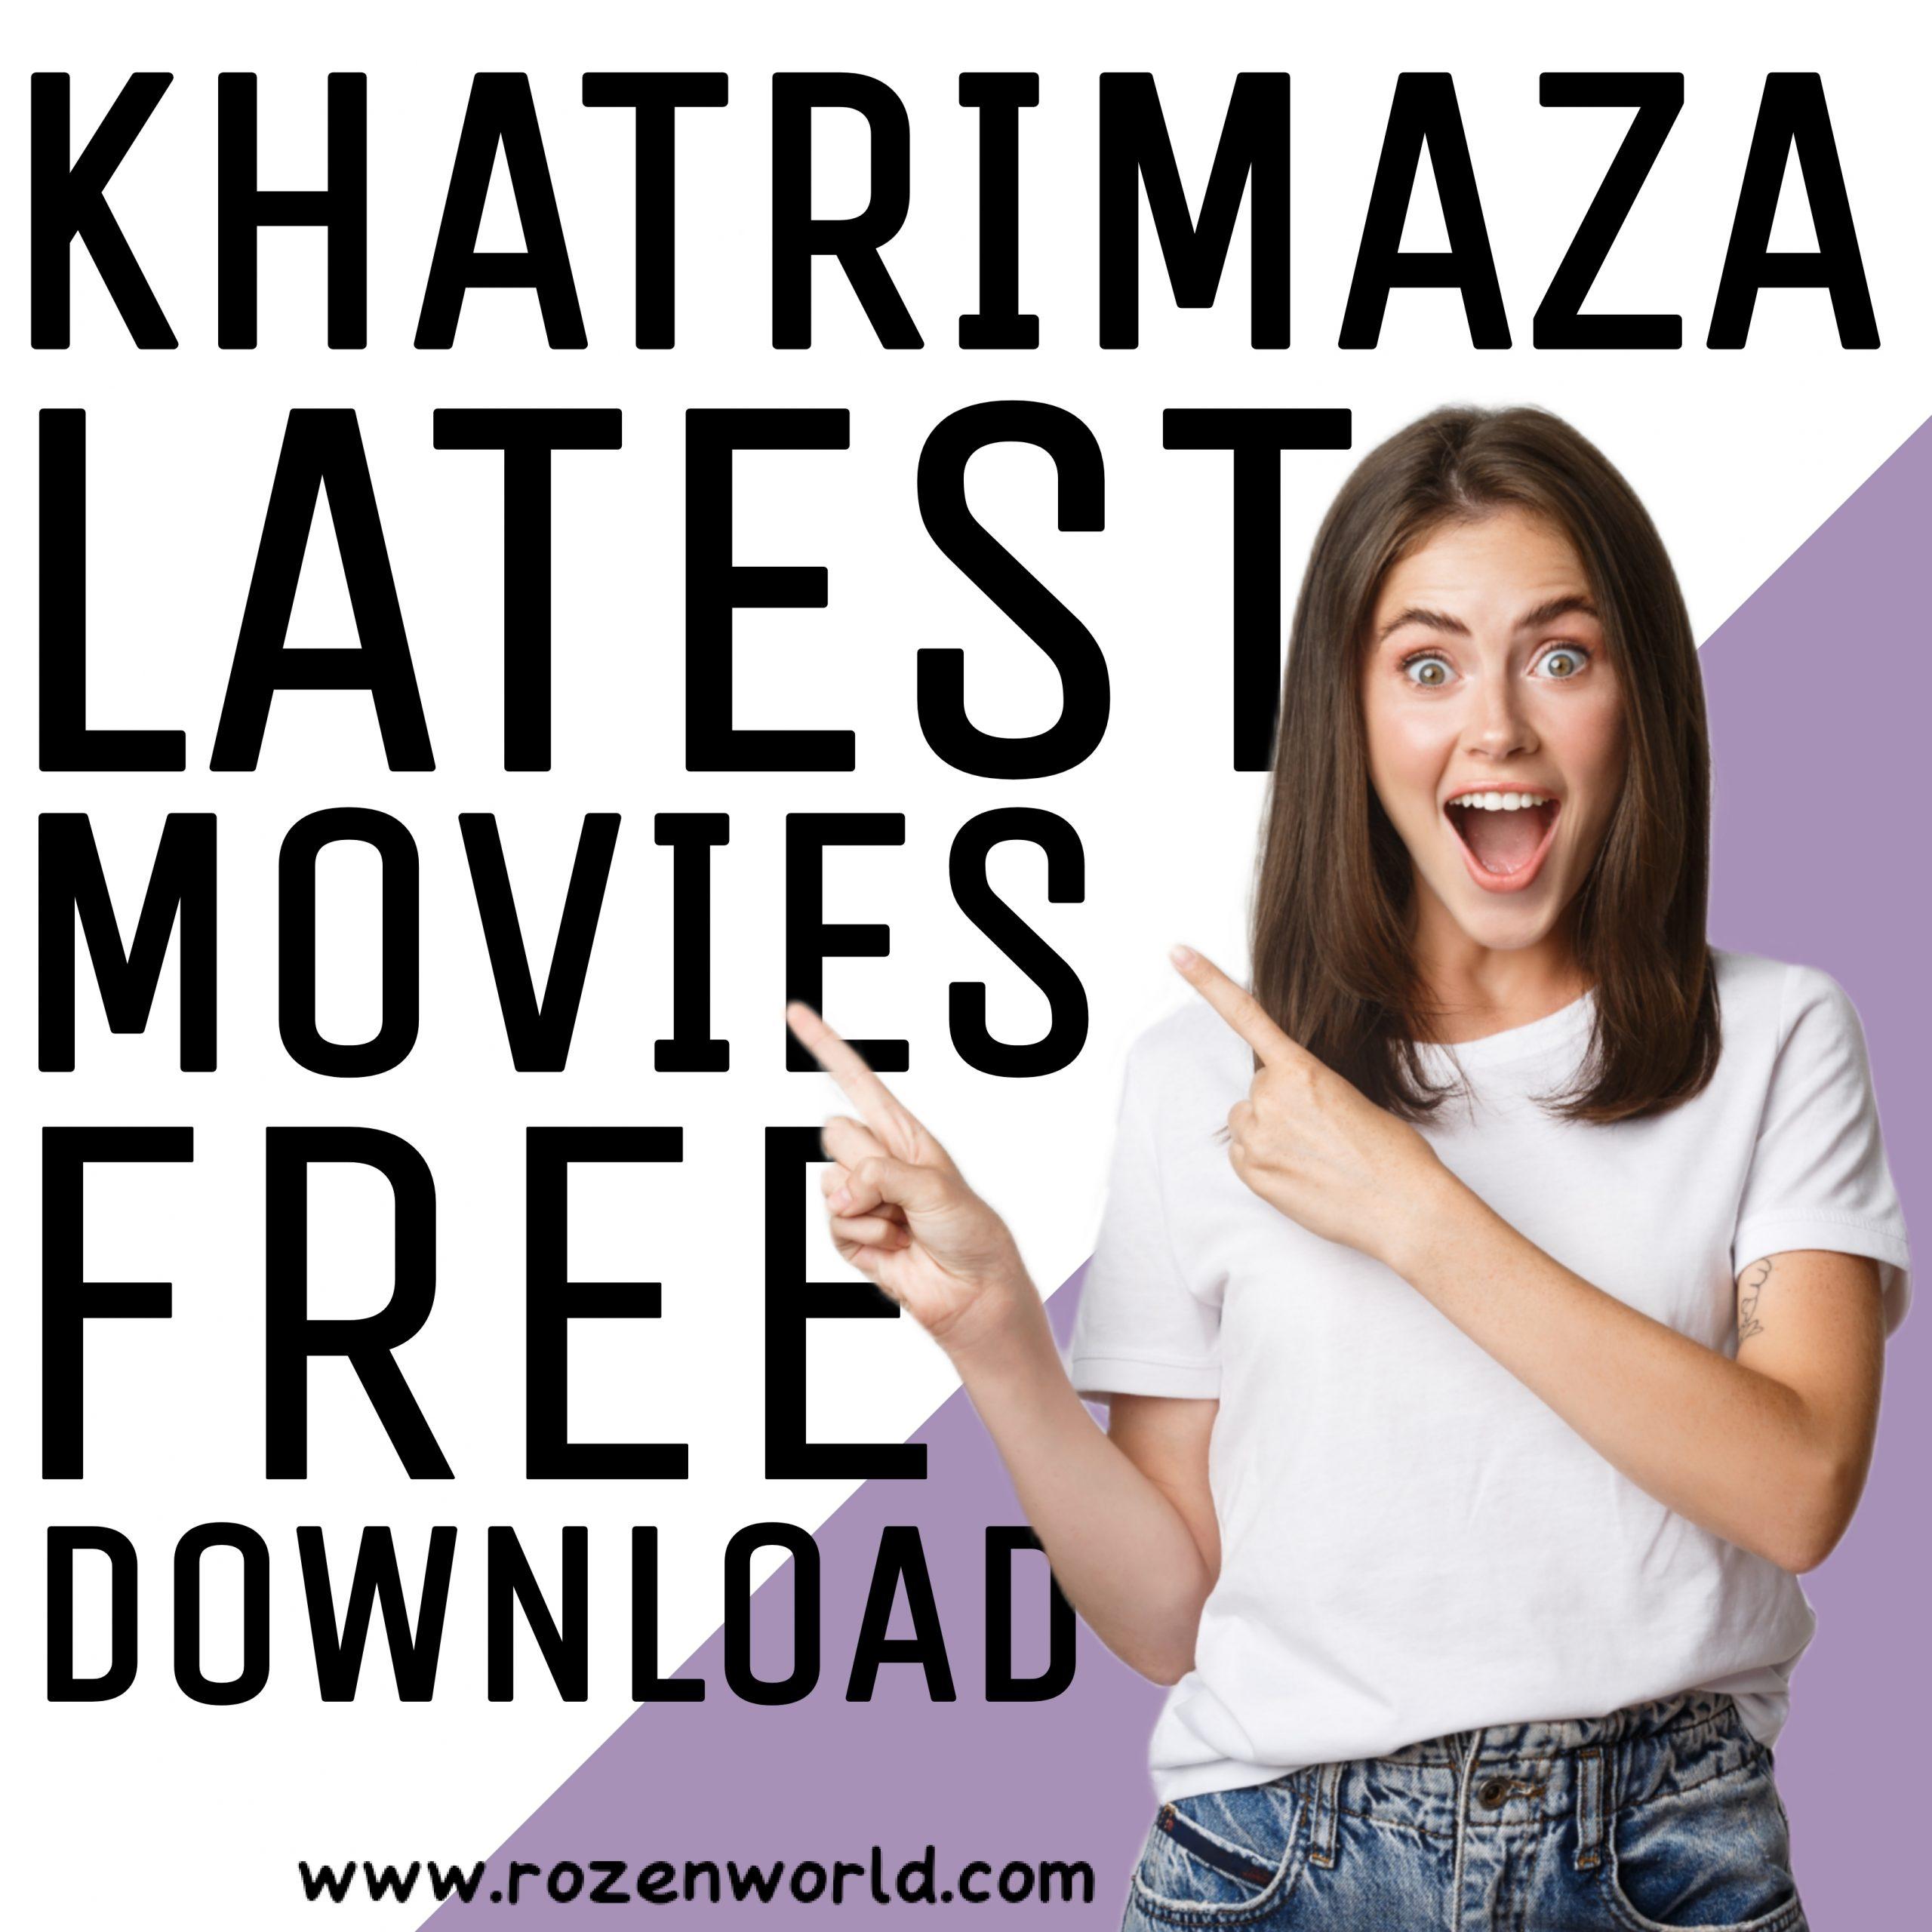 khatrimaza movie download free movie download free Latest 2021 update